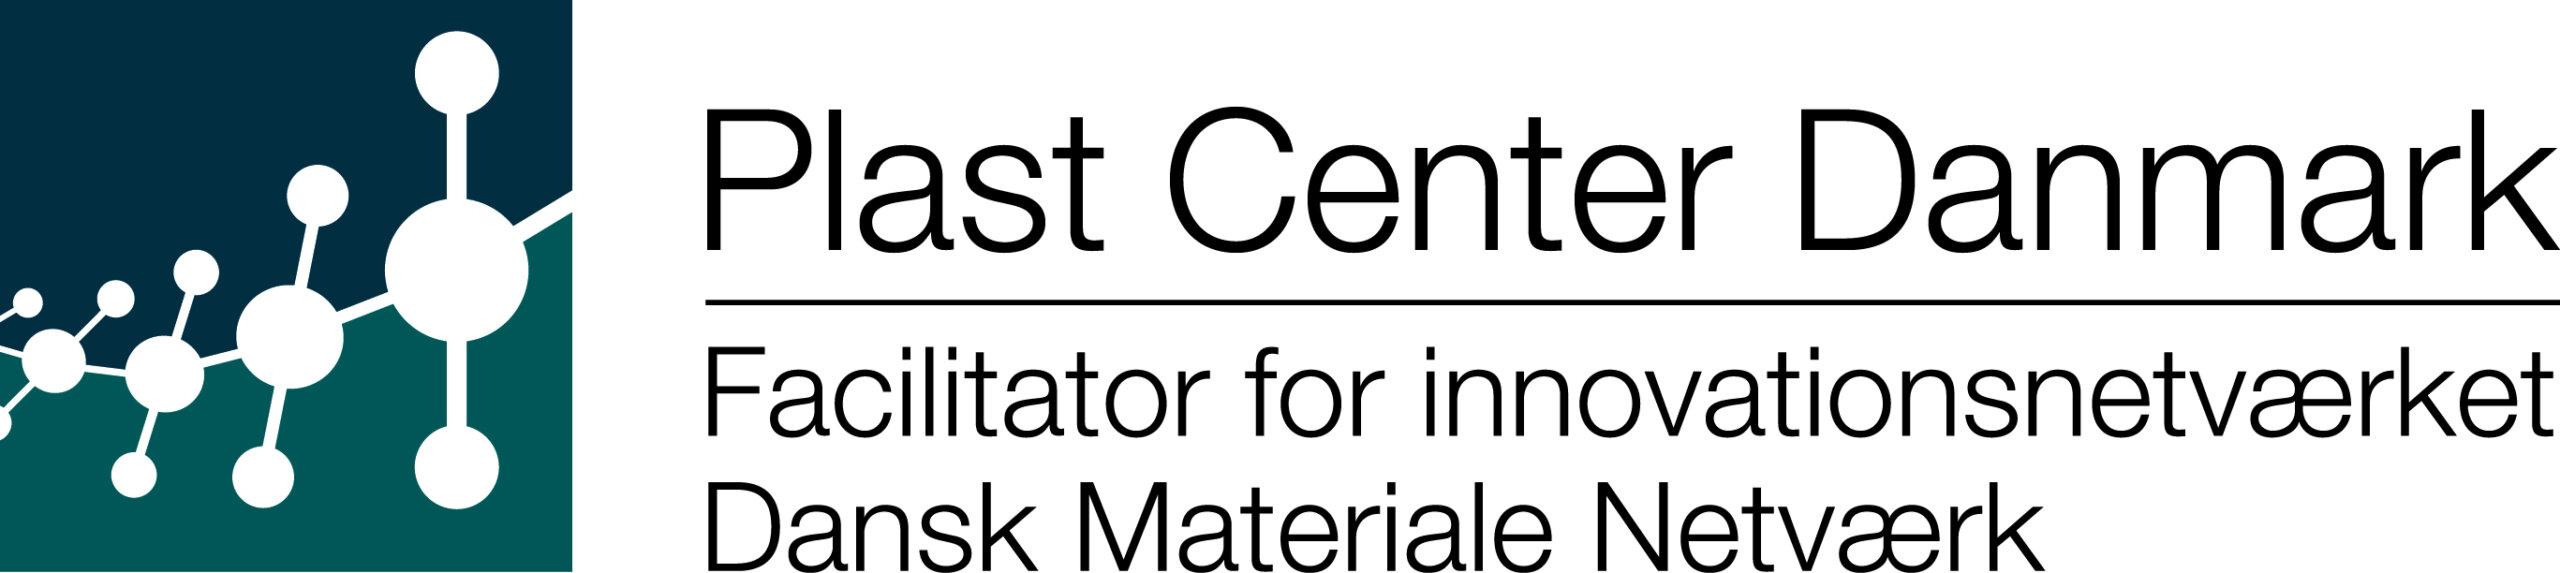 Plast Center Danmark